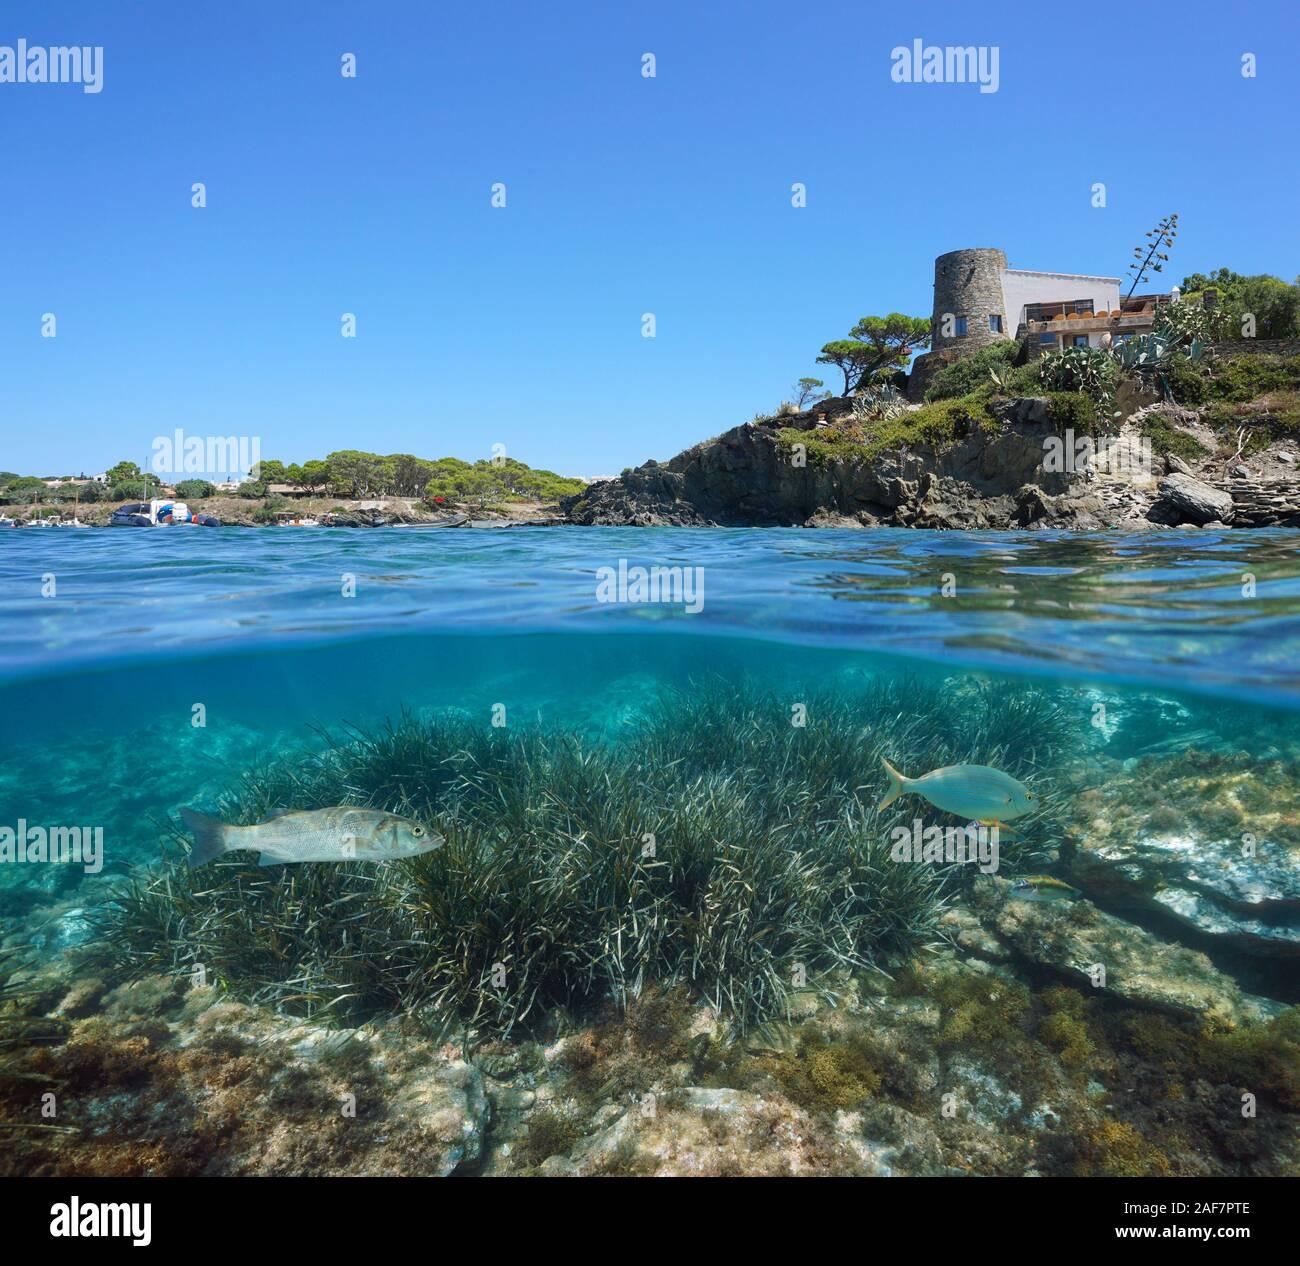 España costa mediterránea con una casa en Cadaqués y lechos marinos con peces mar subacuáticos, vista dividida por encima y por debajo de la superficie del agua, Costa Brava Foto de stock